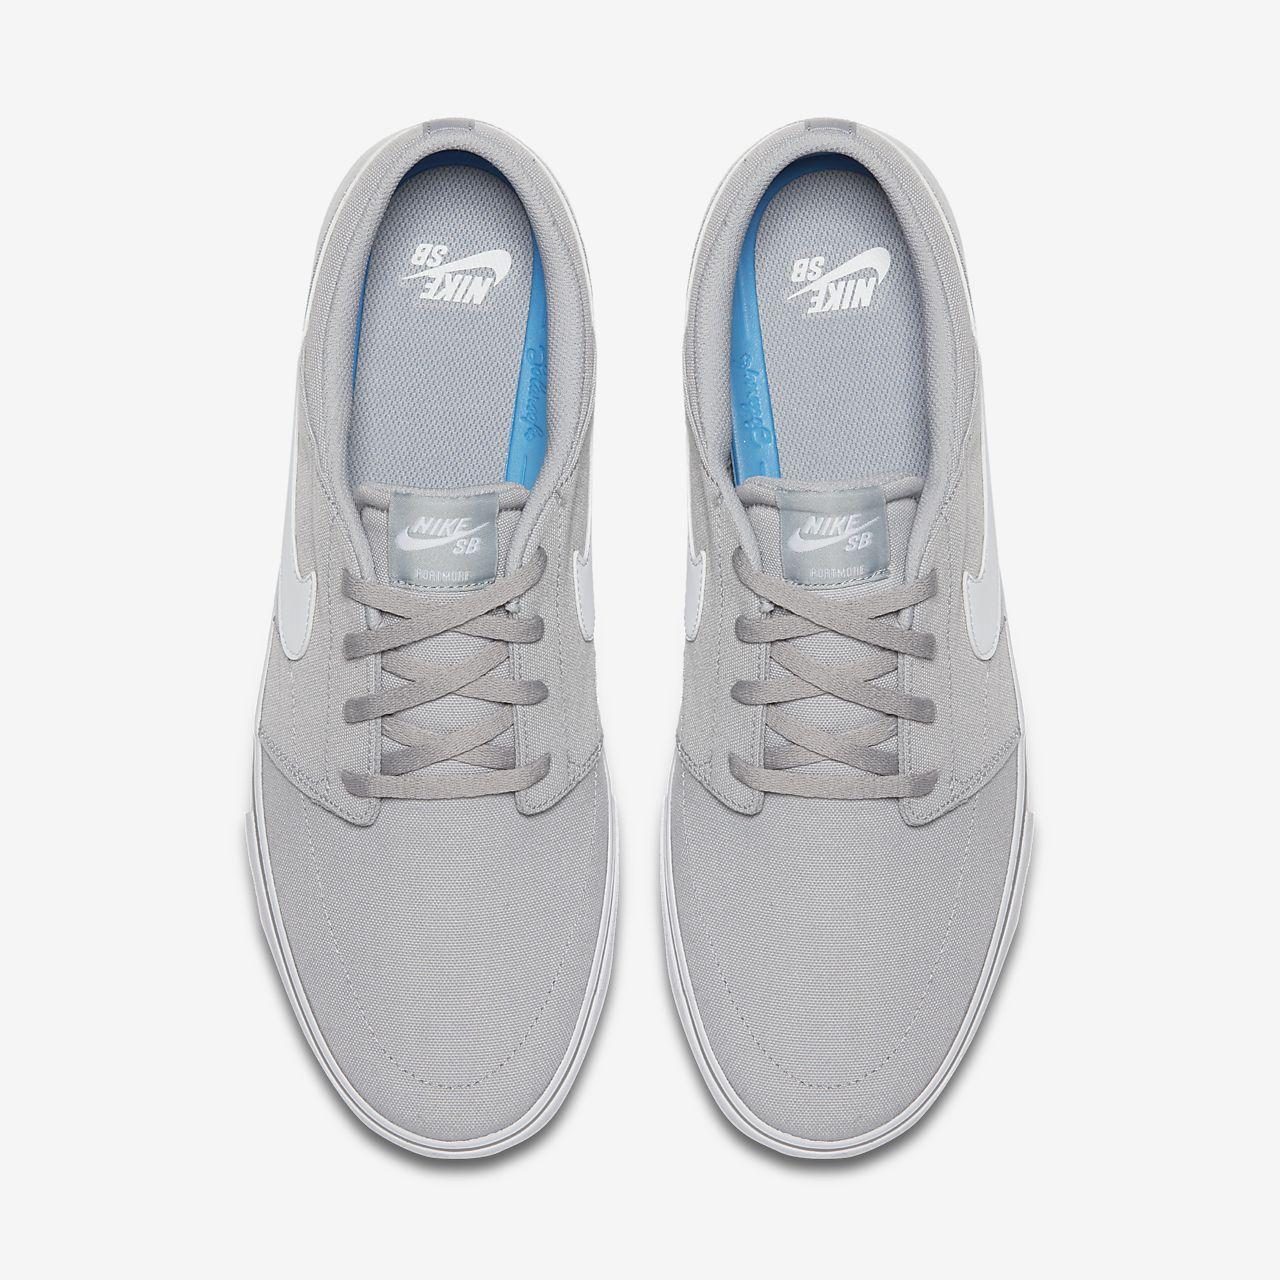 wholesale dealer 2c509 af2b5 Low Resolution Nike SB Solarsoft Portmore 2 Skate Shoe Nike SB Solarsoft  Portmore 2 Skate Shoe